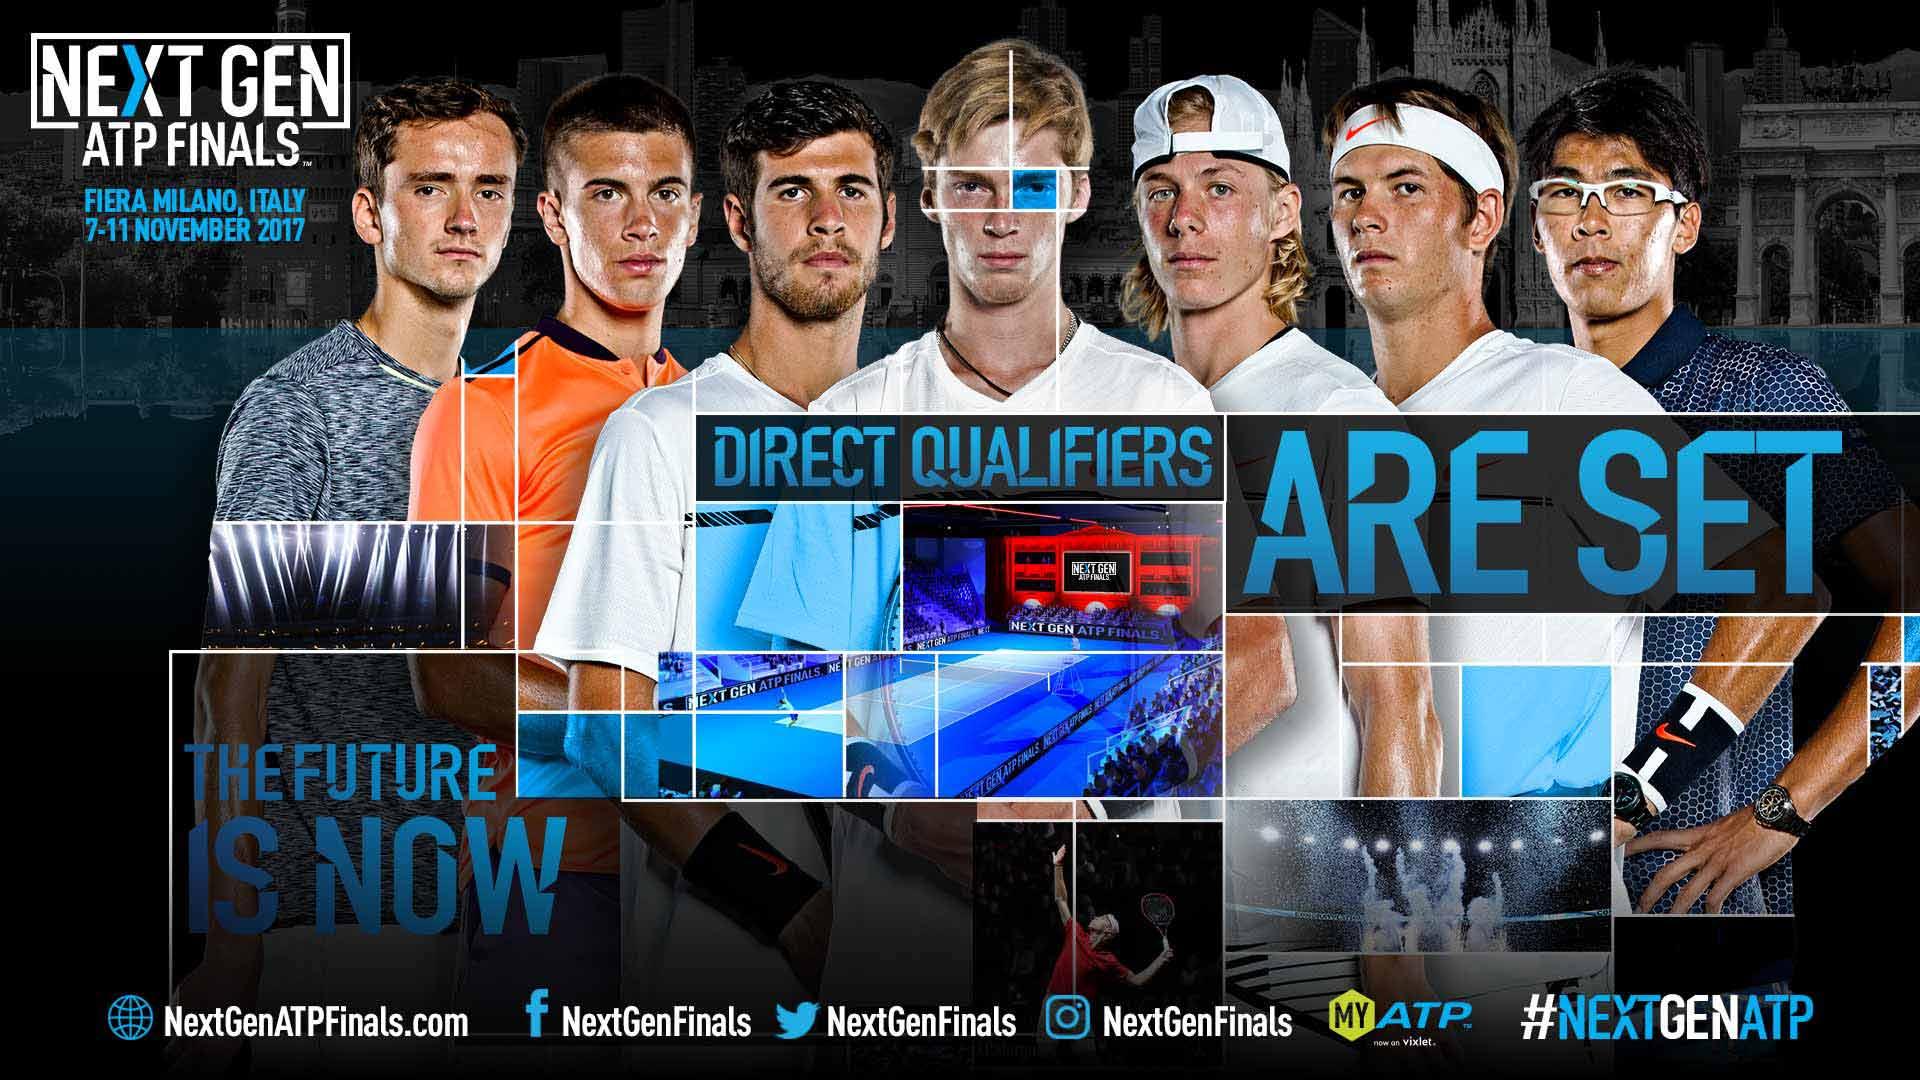 ATP NextGen 2017